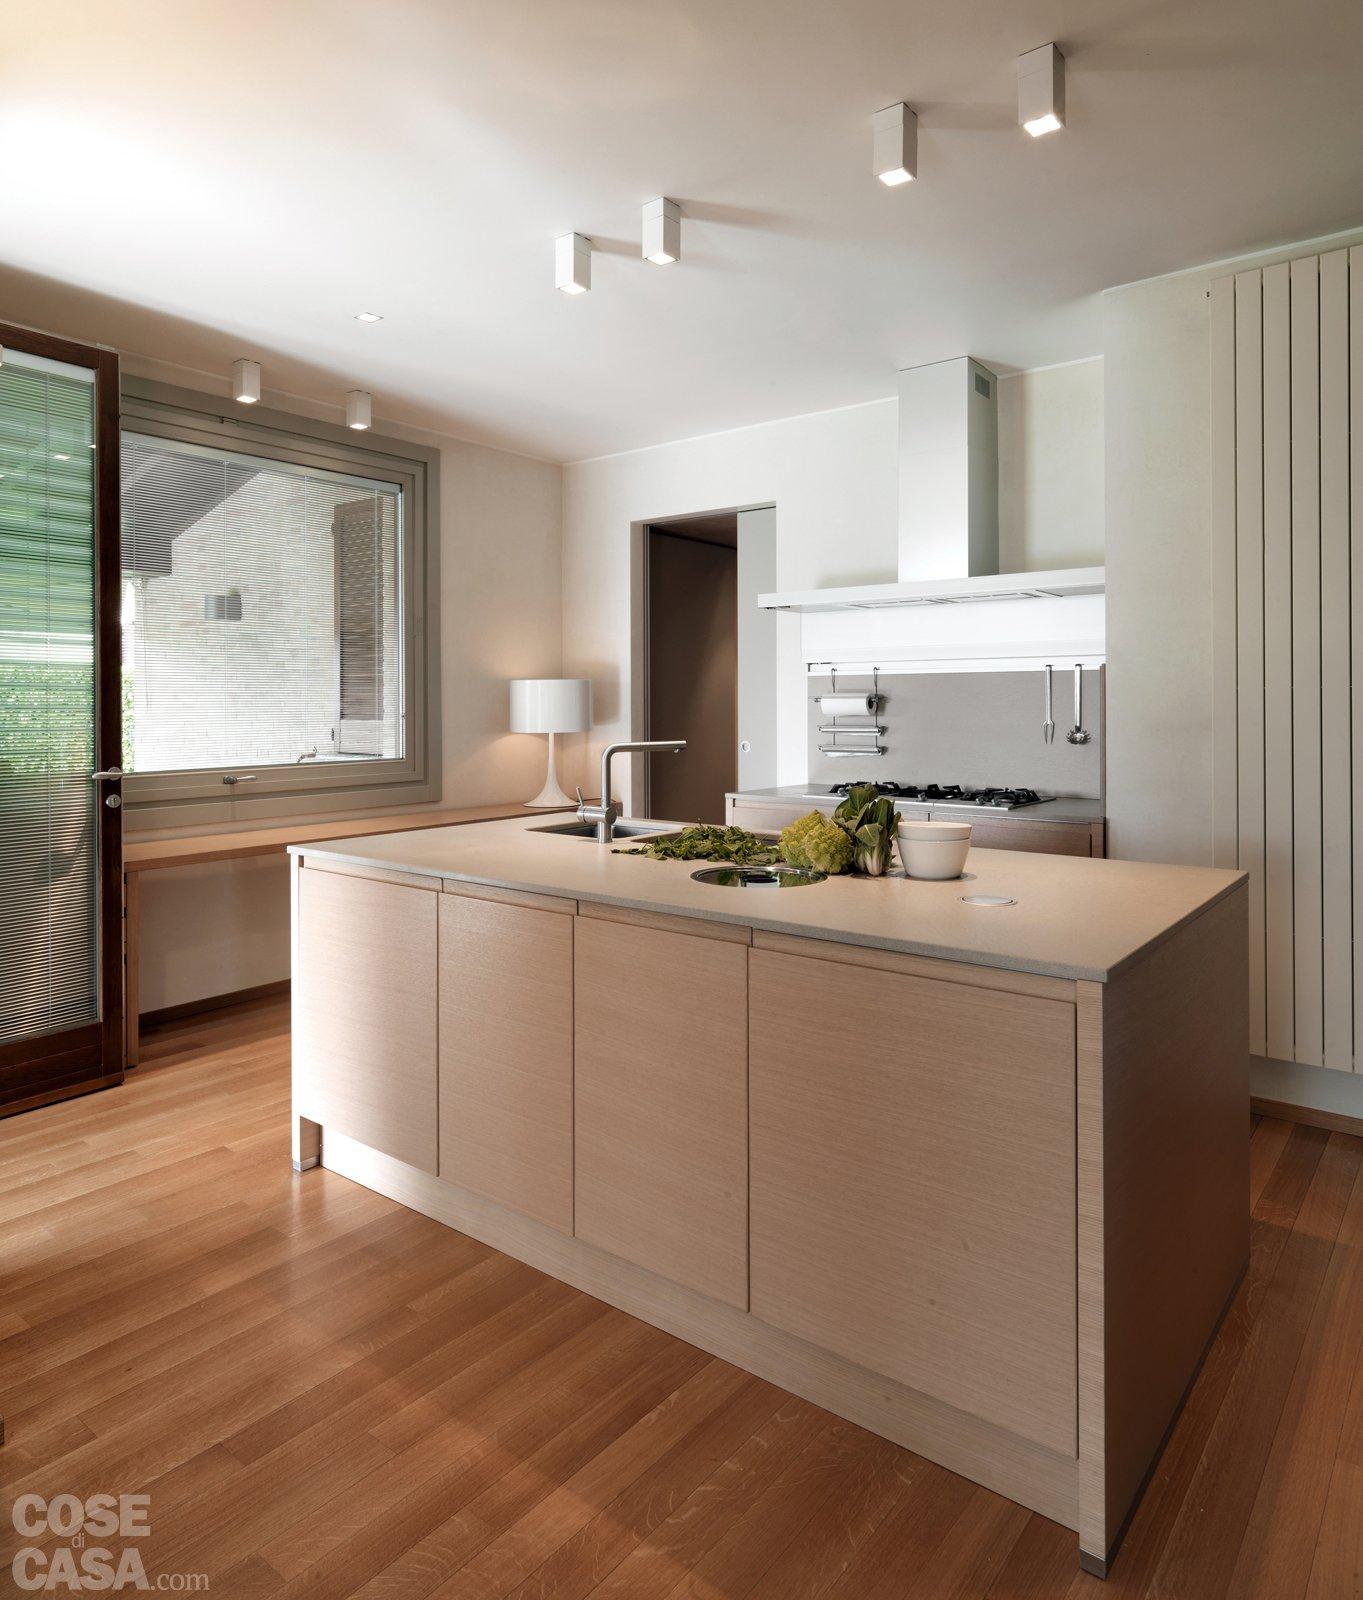 Una casa arredata con pezzi di design e finiture di tendenza - Cose ...